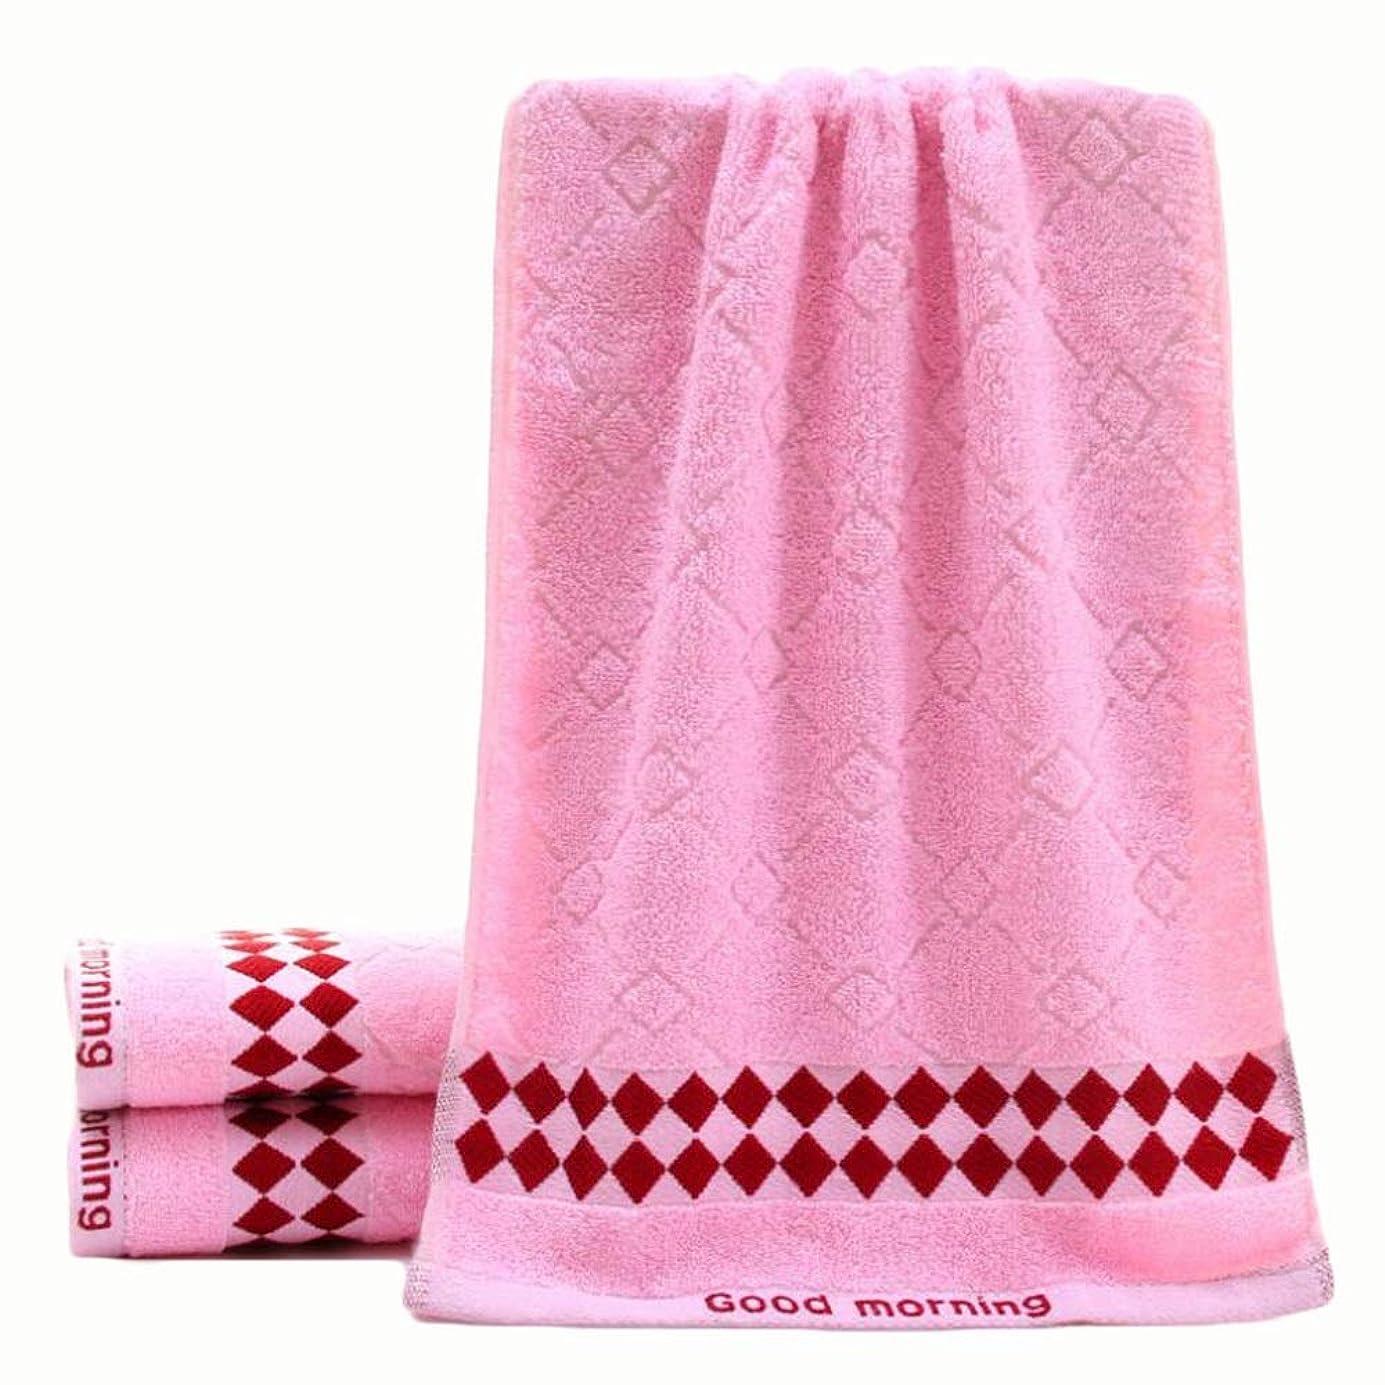 ビヨン格納冒険者CXUNKK 2PCS / LOT家庭用綿洗いソフト吸収性フェイスタオル (Color : Pink)